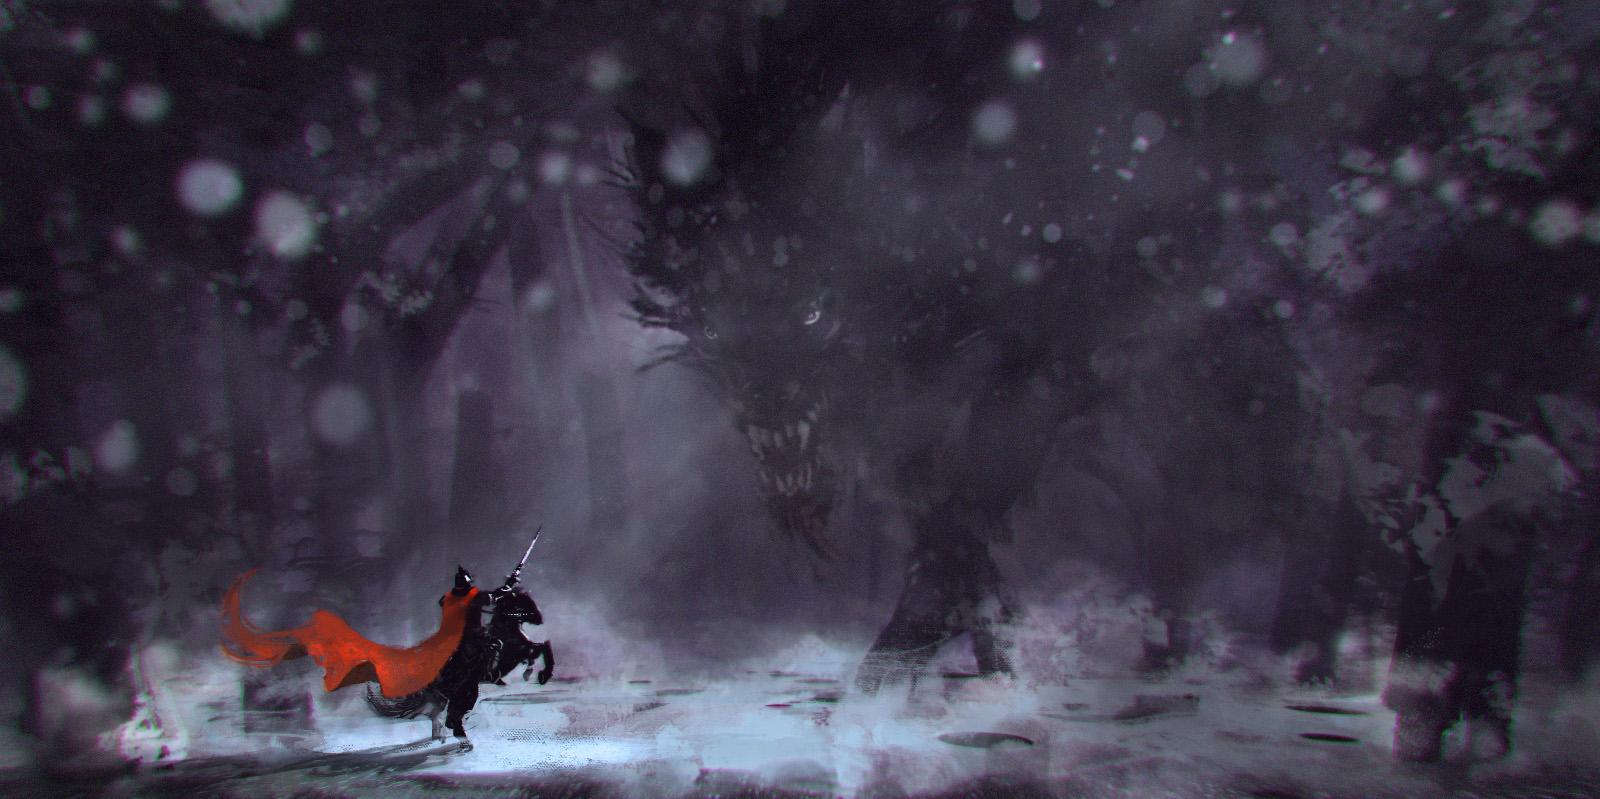 big bad wolves wallpaper - photo #9